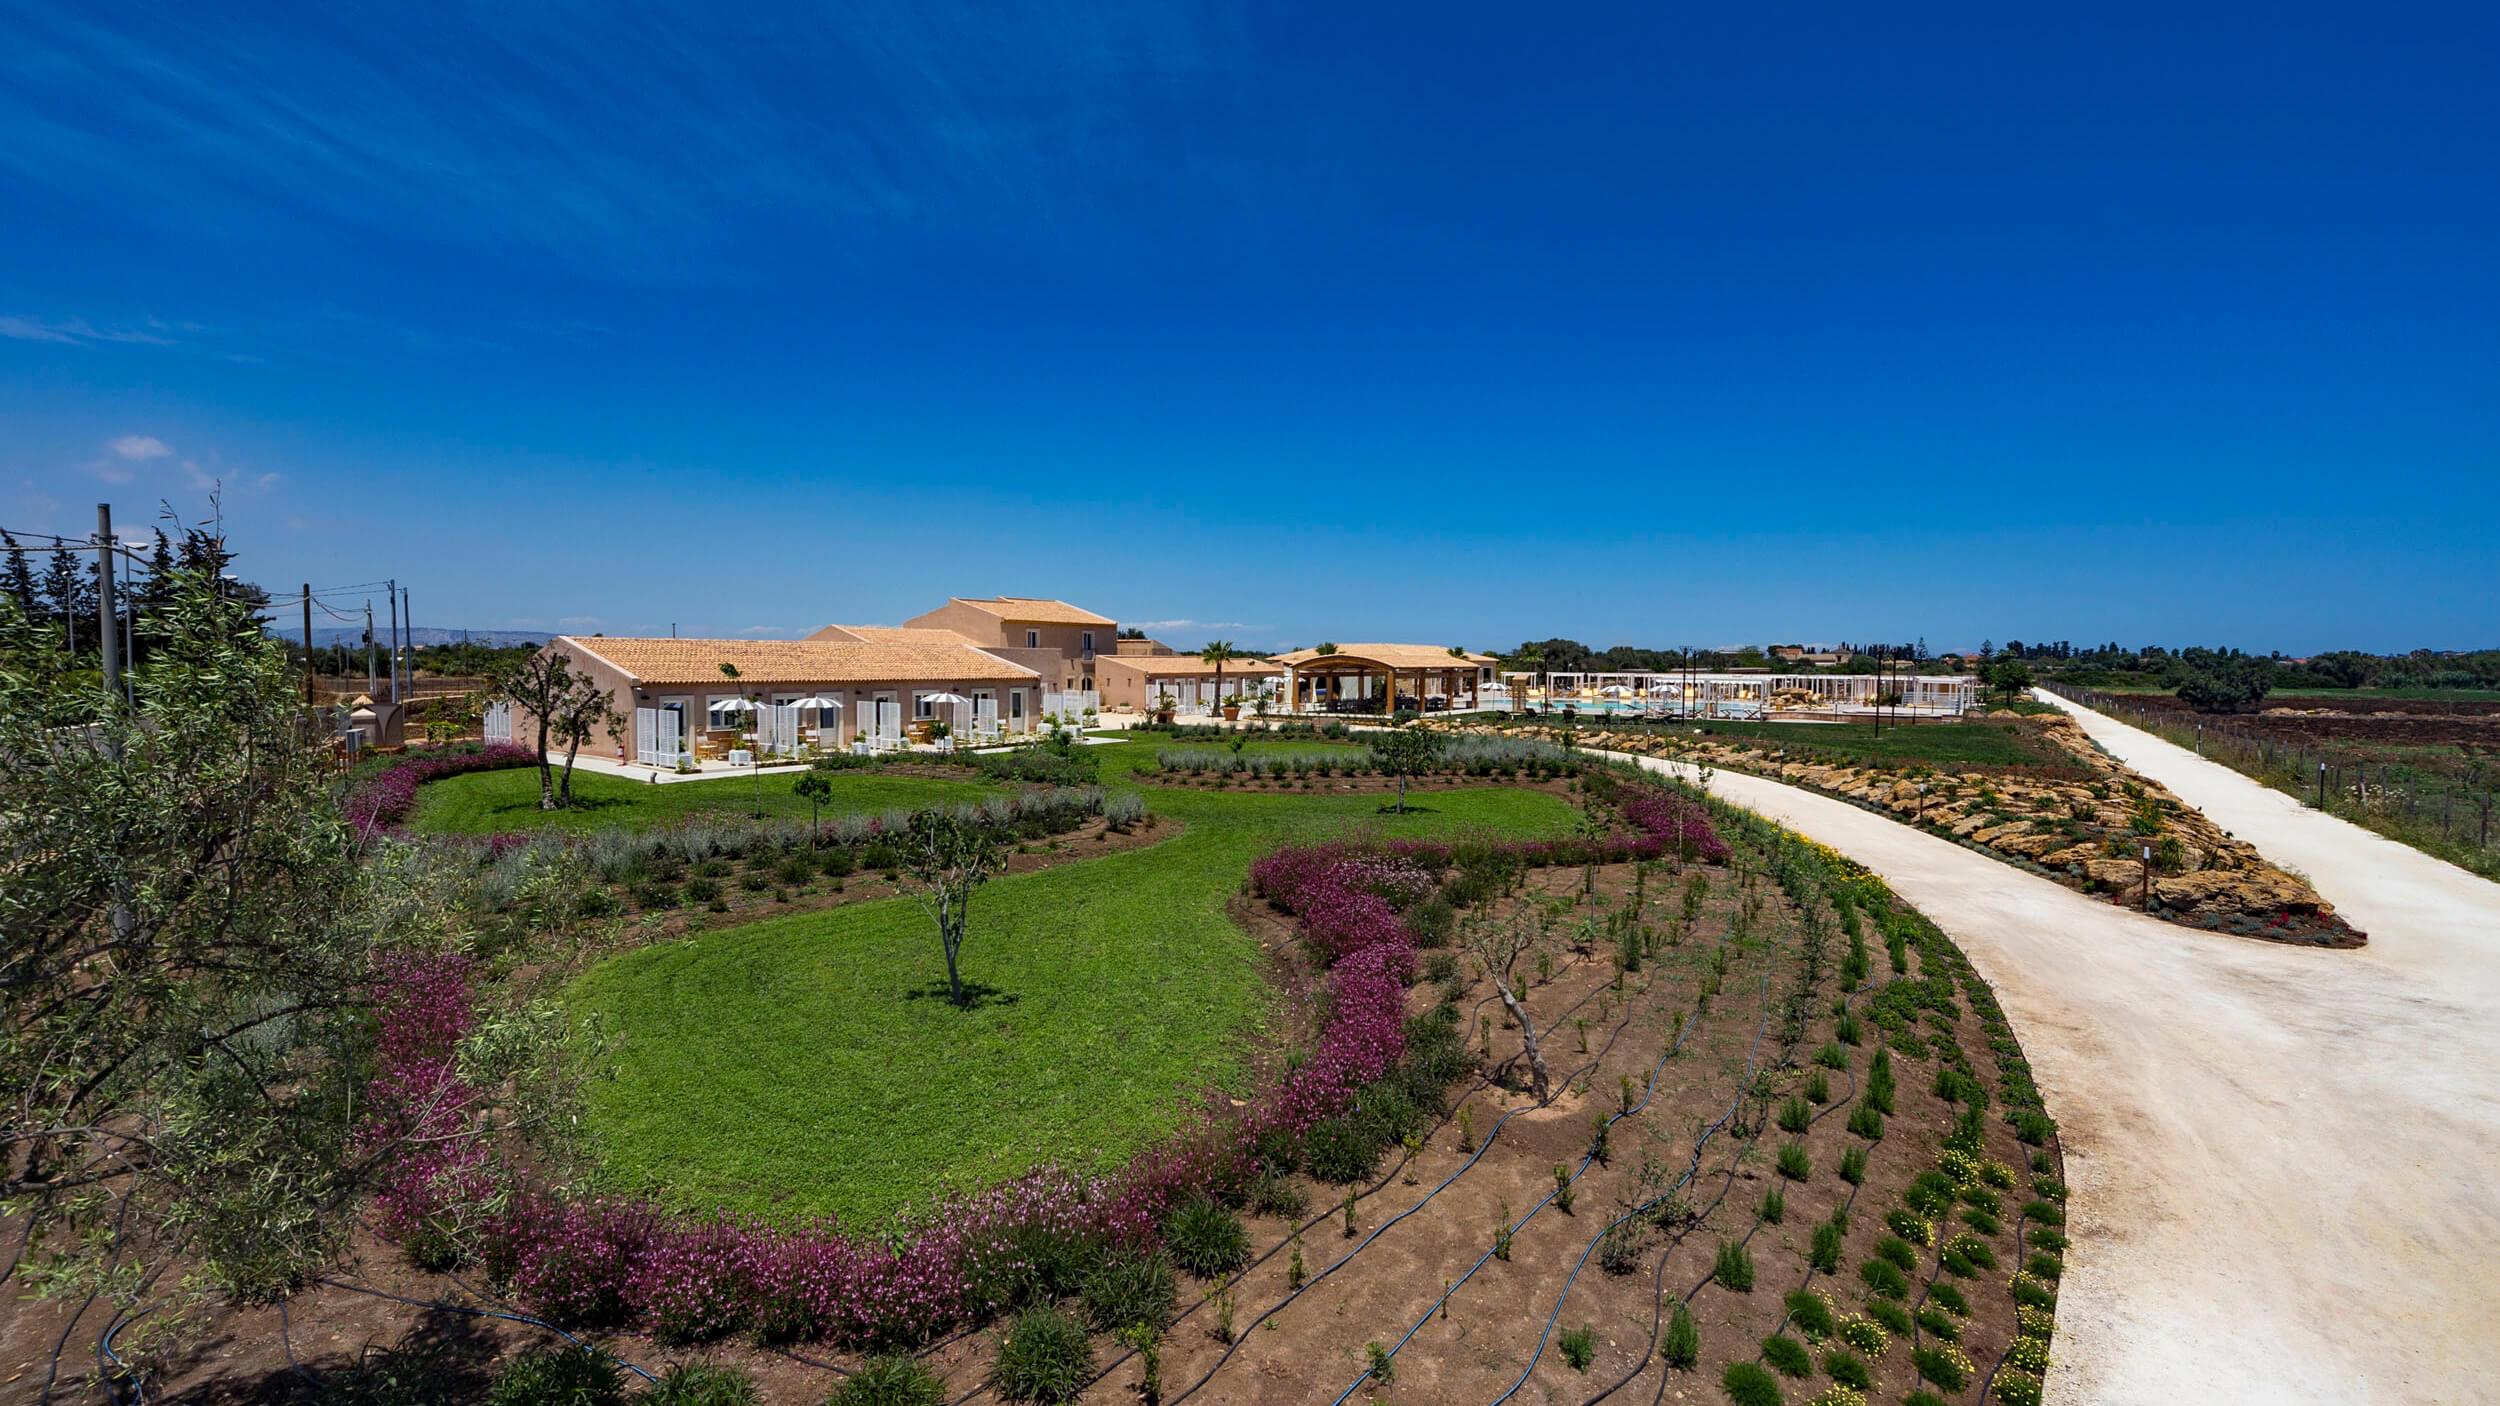 hotel a siracusa Giardini classici siciliani del 900, hotel casale milocca siracusa